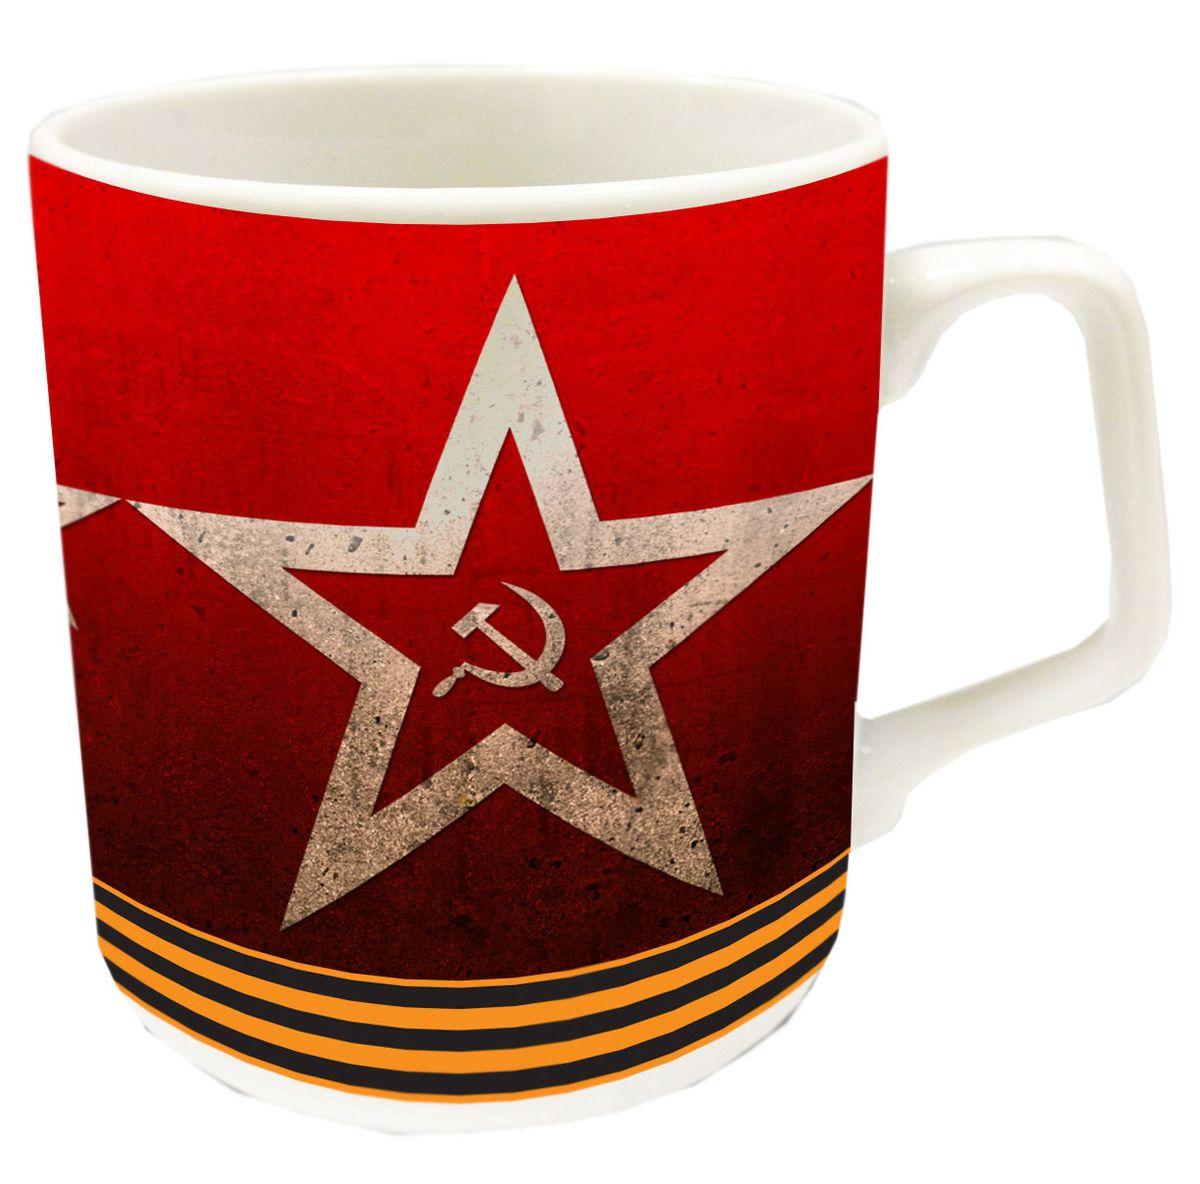 Кружка PrioritY Советская серия. Большая звезда, в подарочной упаковке, 350 мл115510Кружка с изображением Символики СССР, 350 мл, фарфор. Можно использовать в микроволновой печи и посудомоечной машине